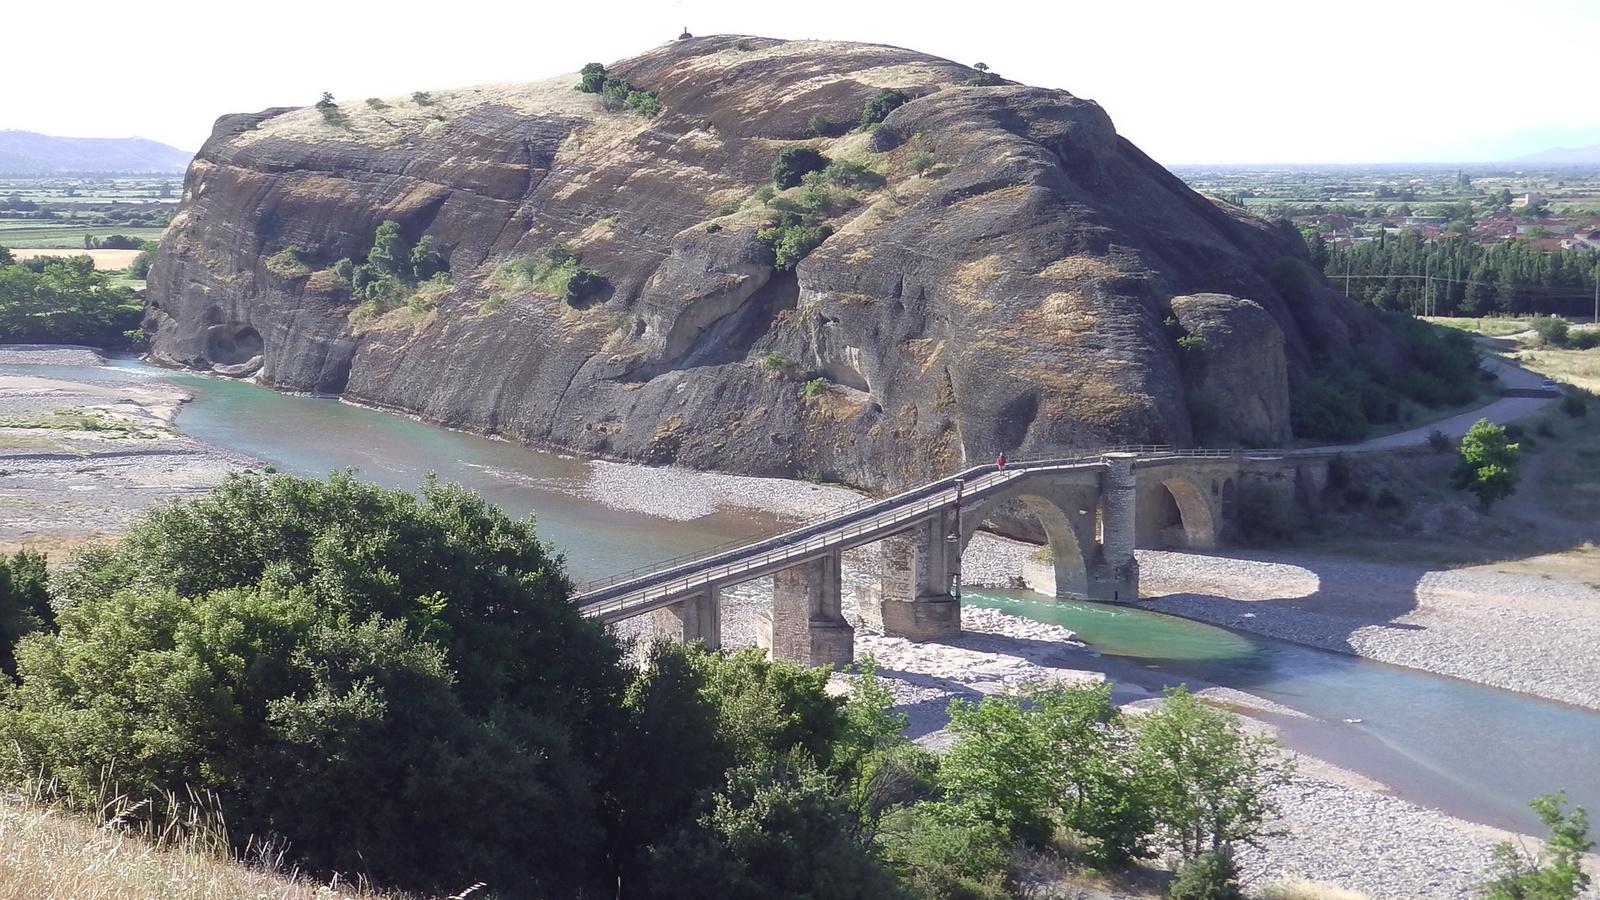 Sakanina/régi római híd/